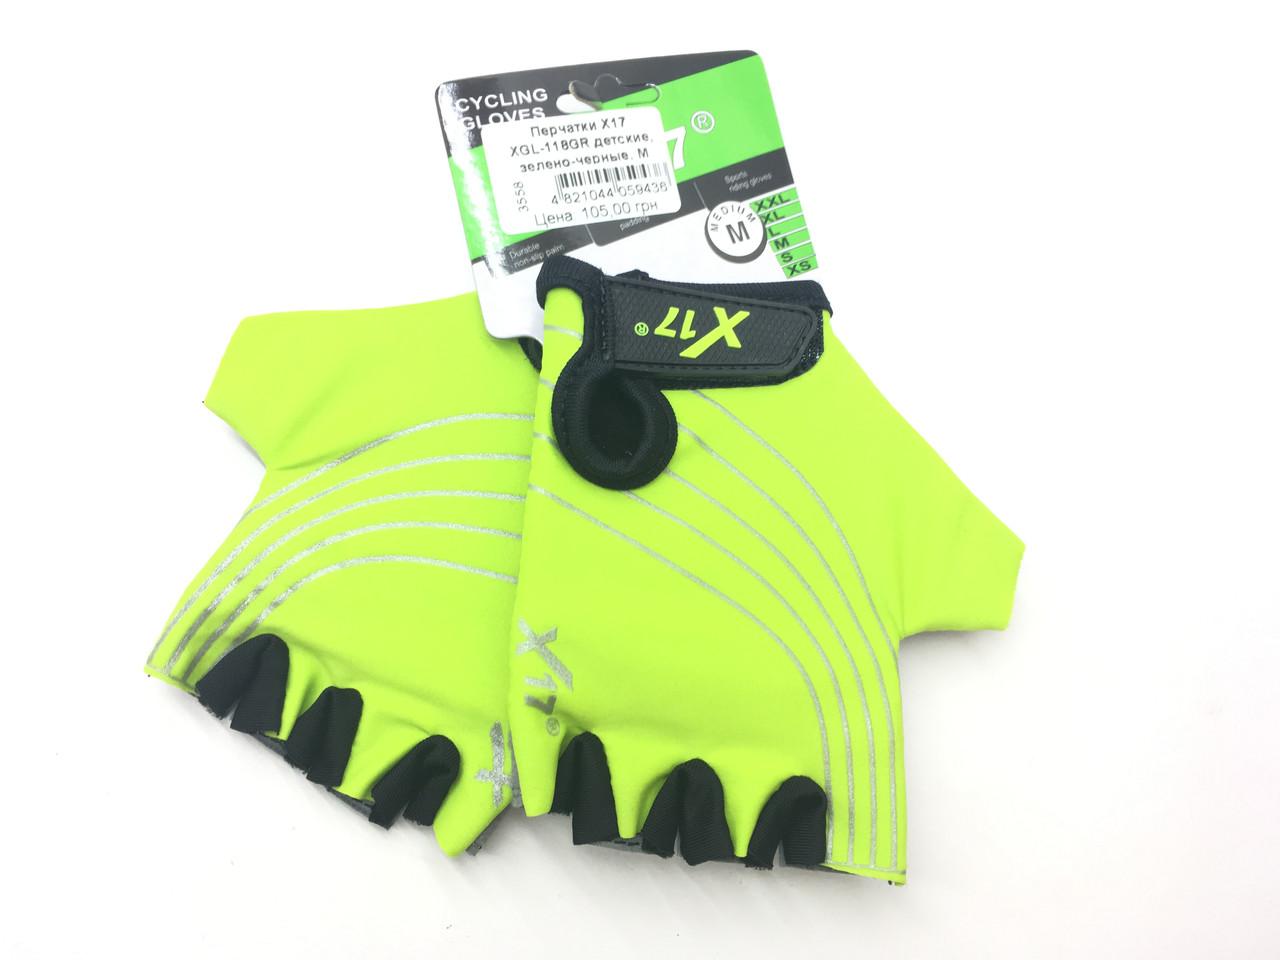 Перчатки велосипедные X17 XGL-118GR детские, зелено-черные, S